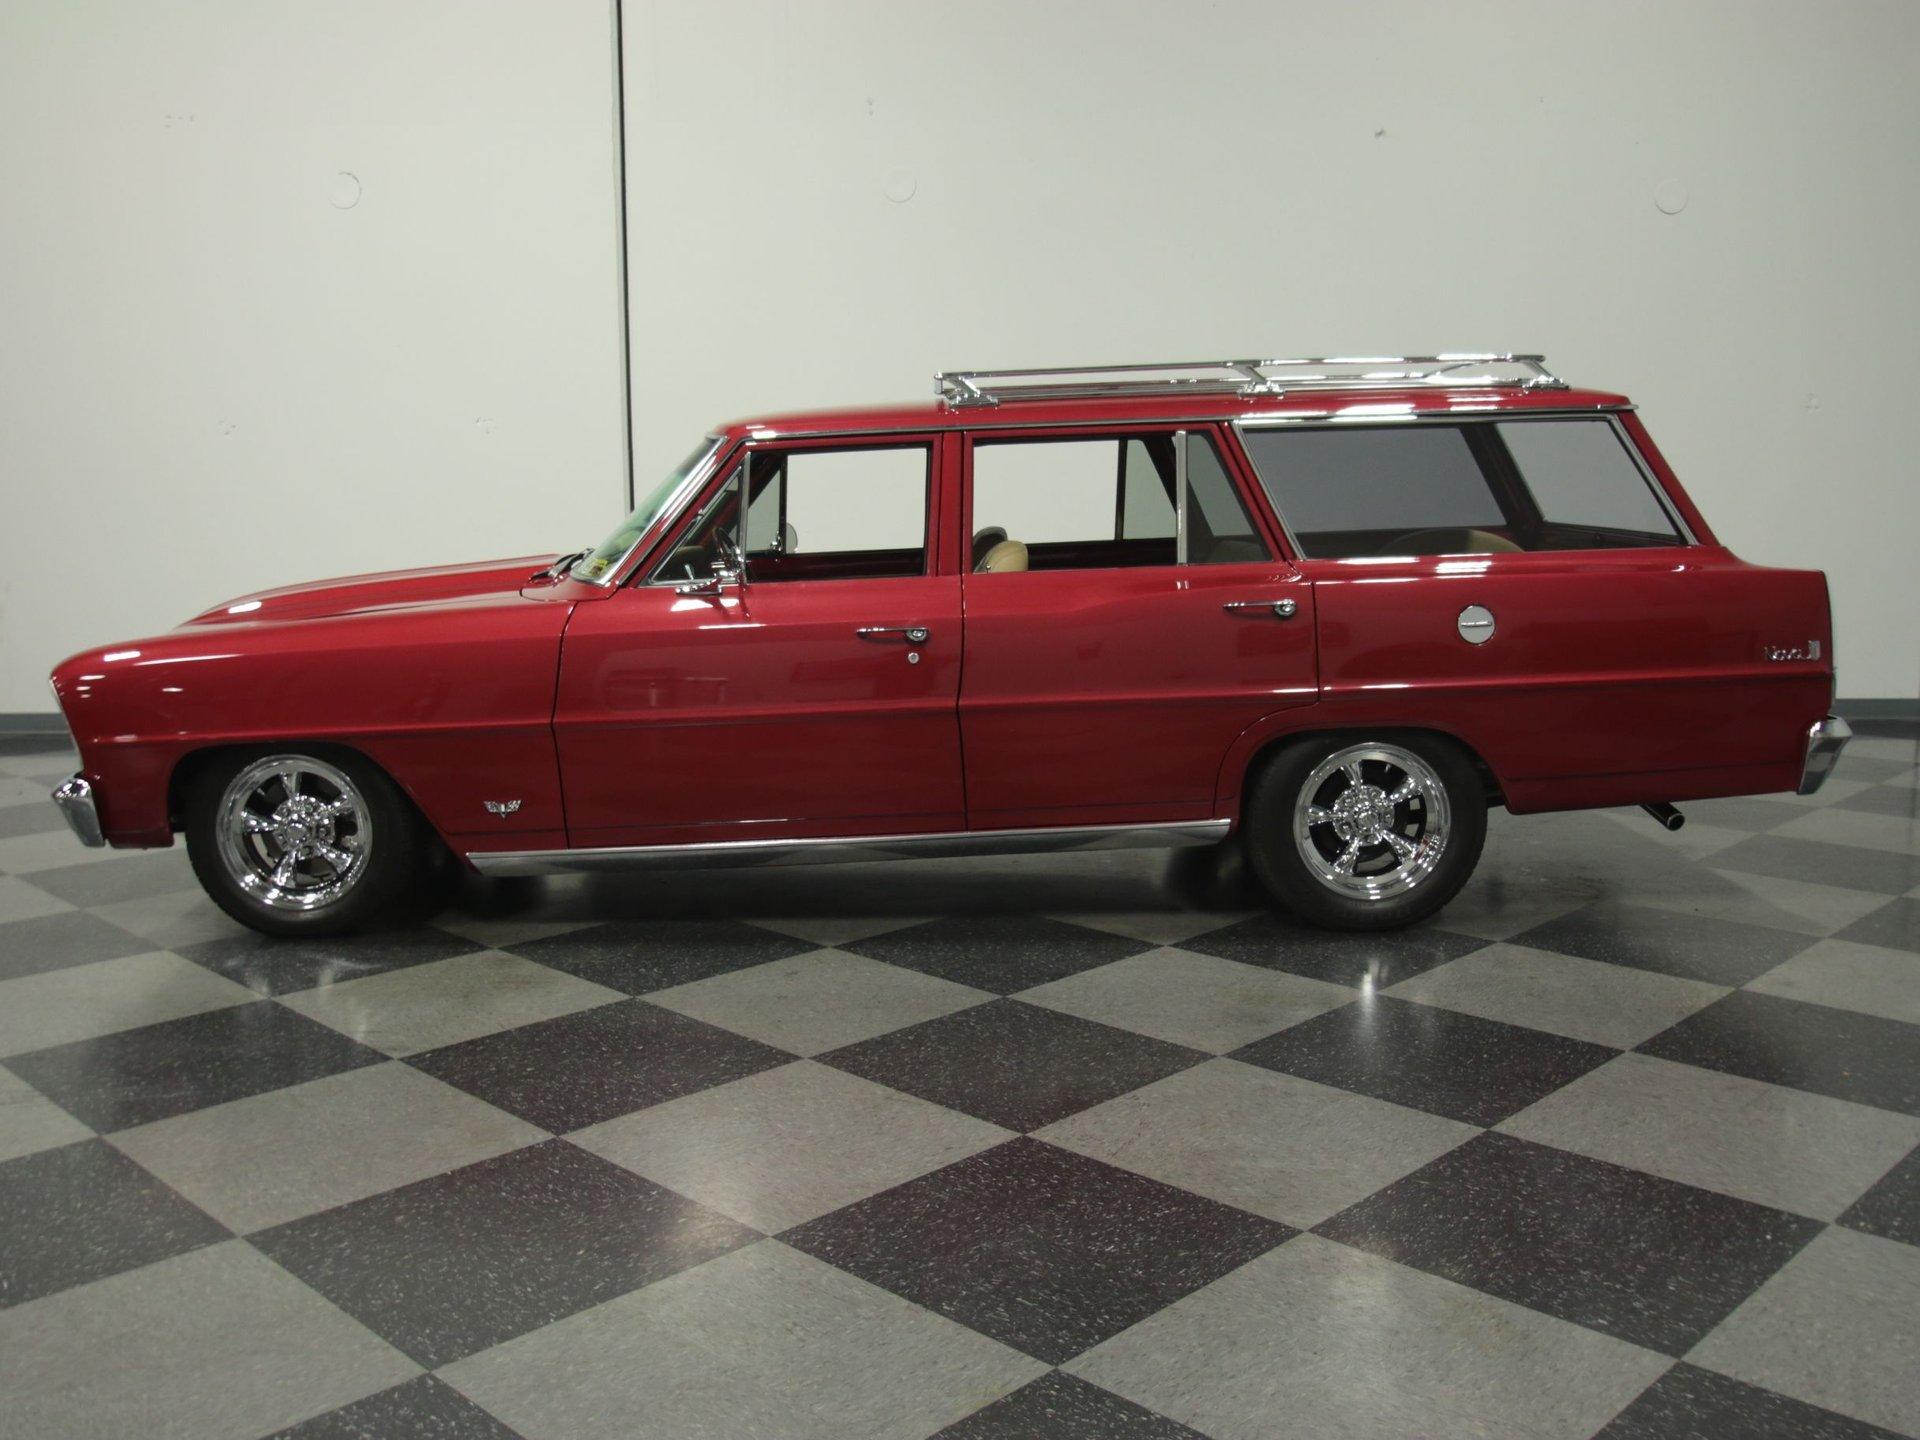 1966 chevrolet nova chevy ii restomod wagon